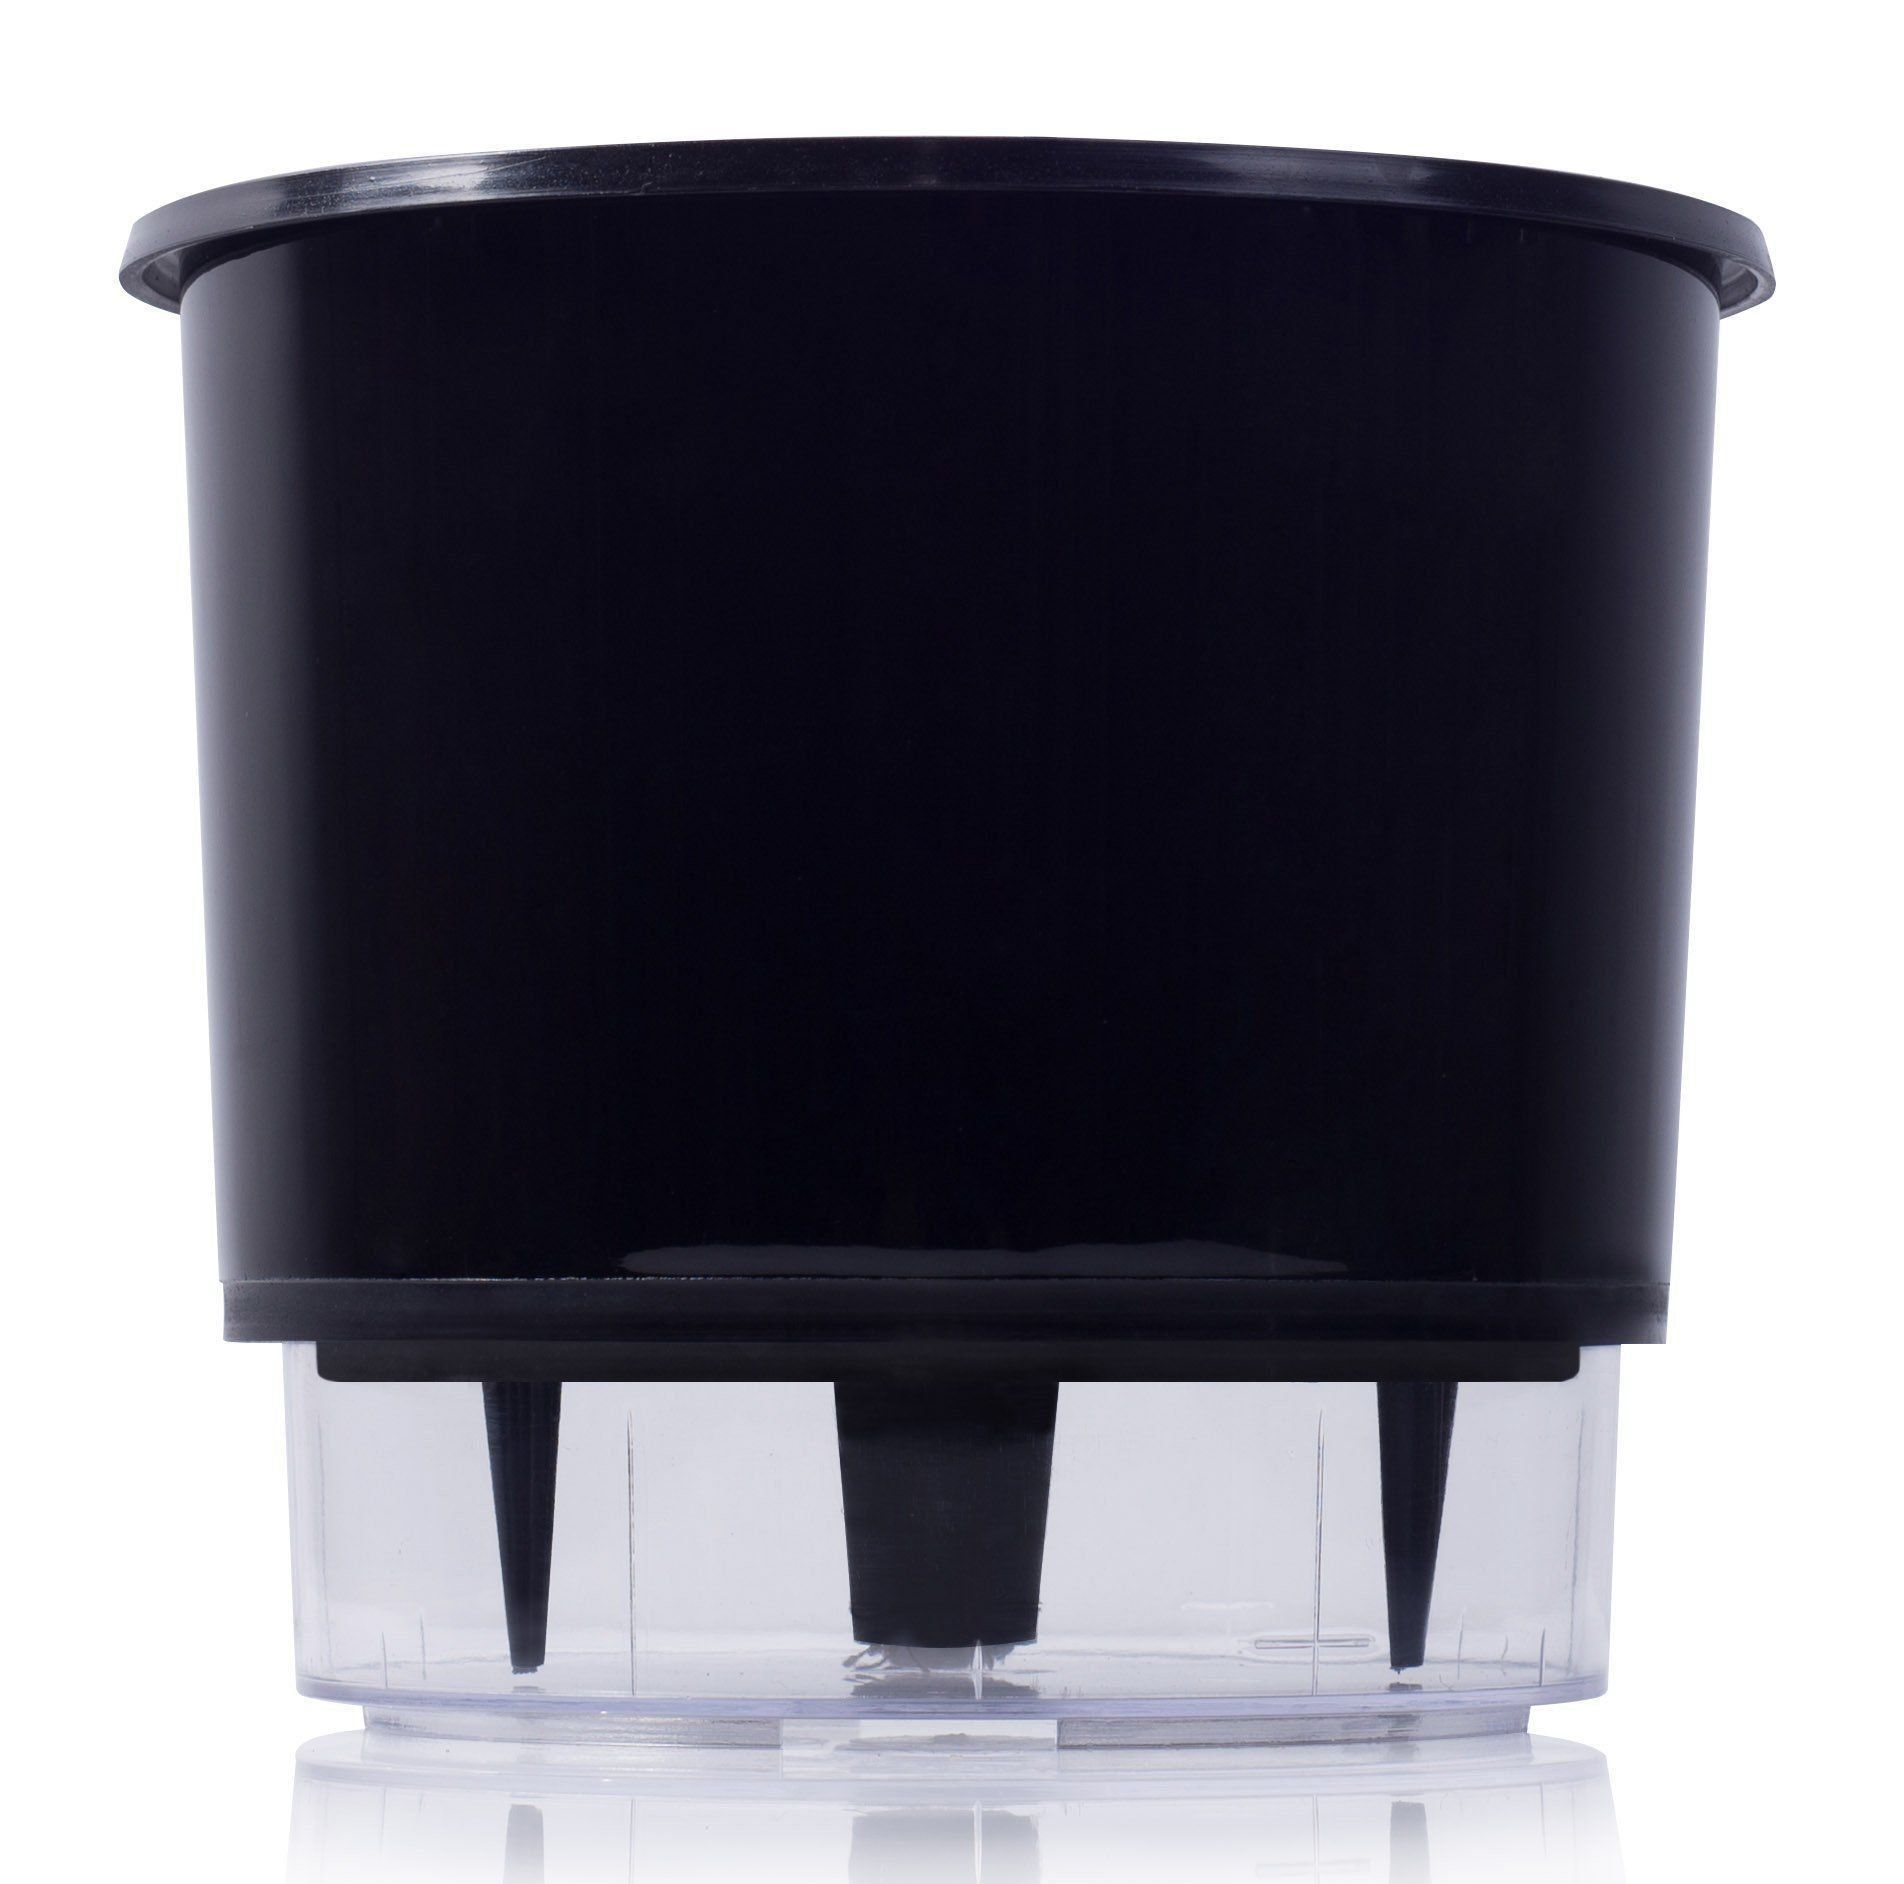 Kit Completo para plantio de Areca com vaso autoirrigável Médio Preto